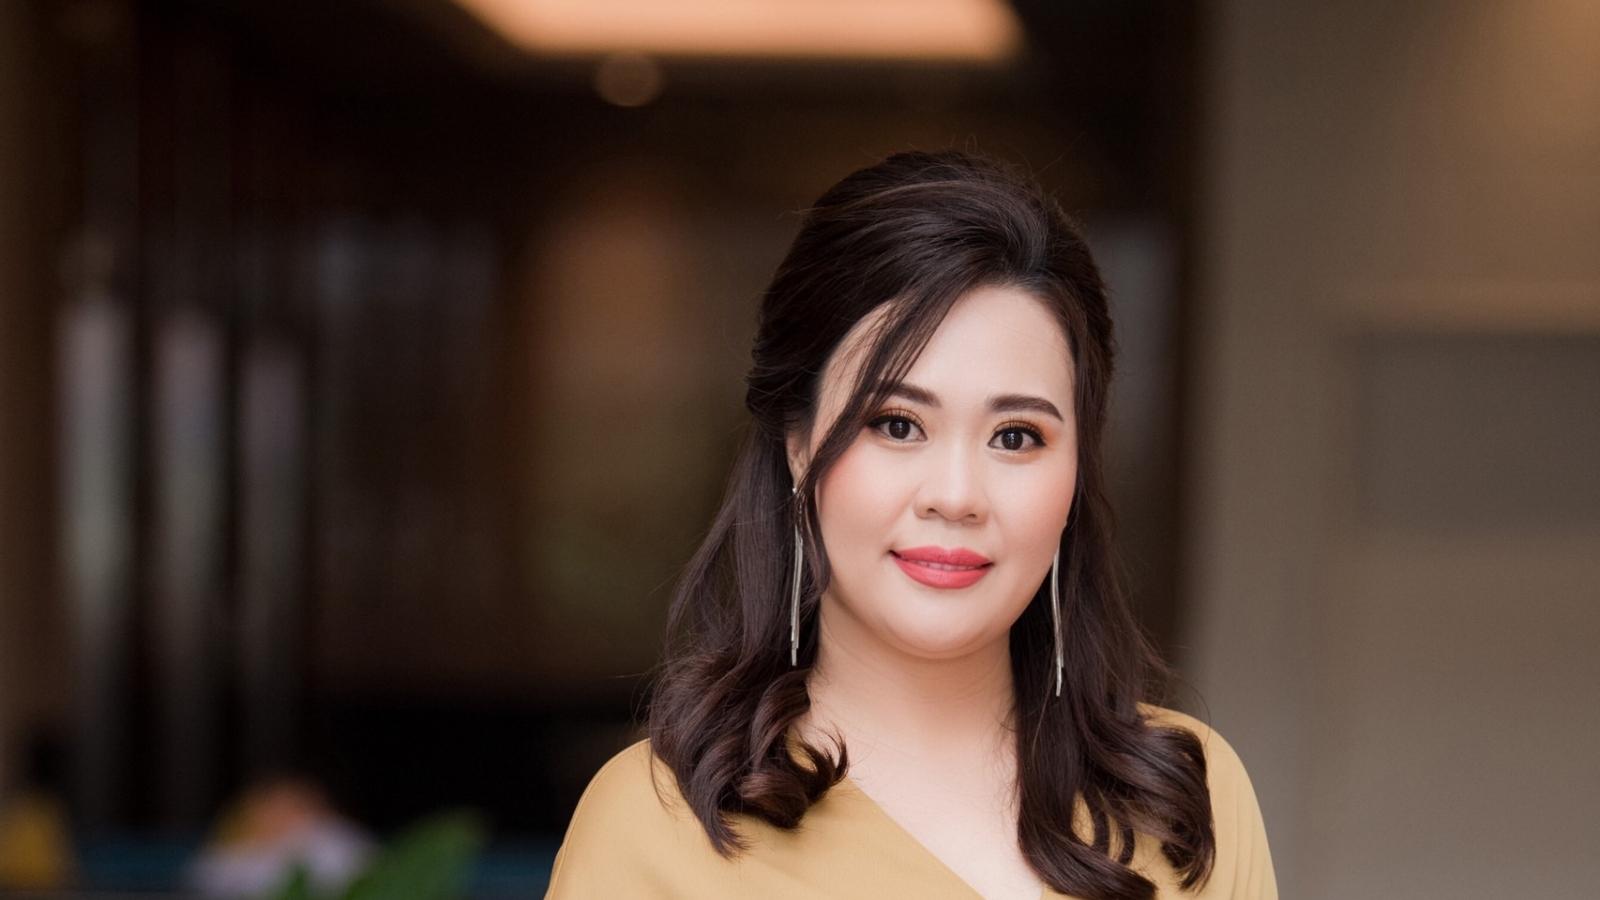 """Diễn viên Phan Kim Oanh vào vai diễn con dâu """"hỗn láo"""" trong phim """"Lửa ẩm"""""""